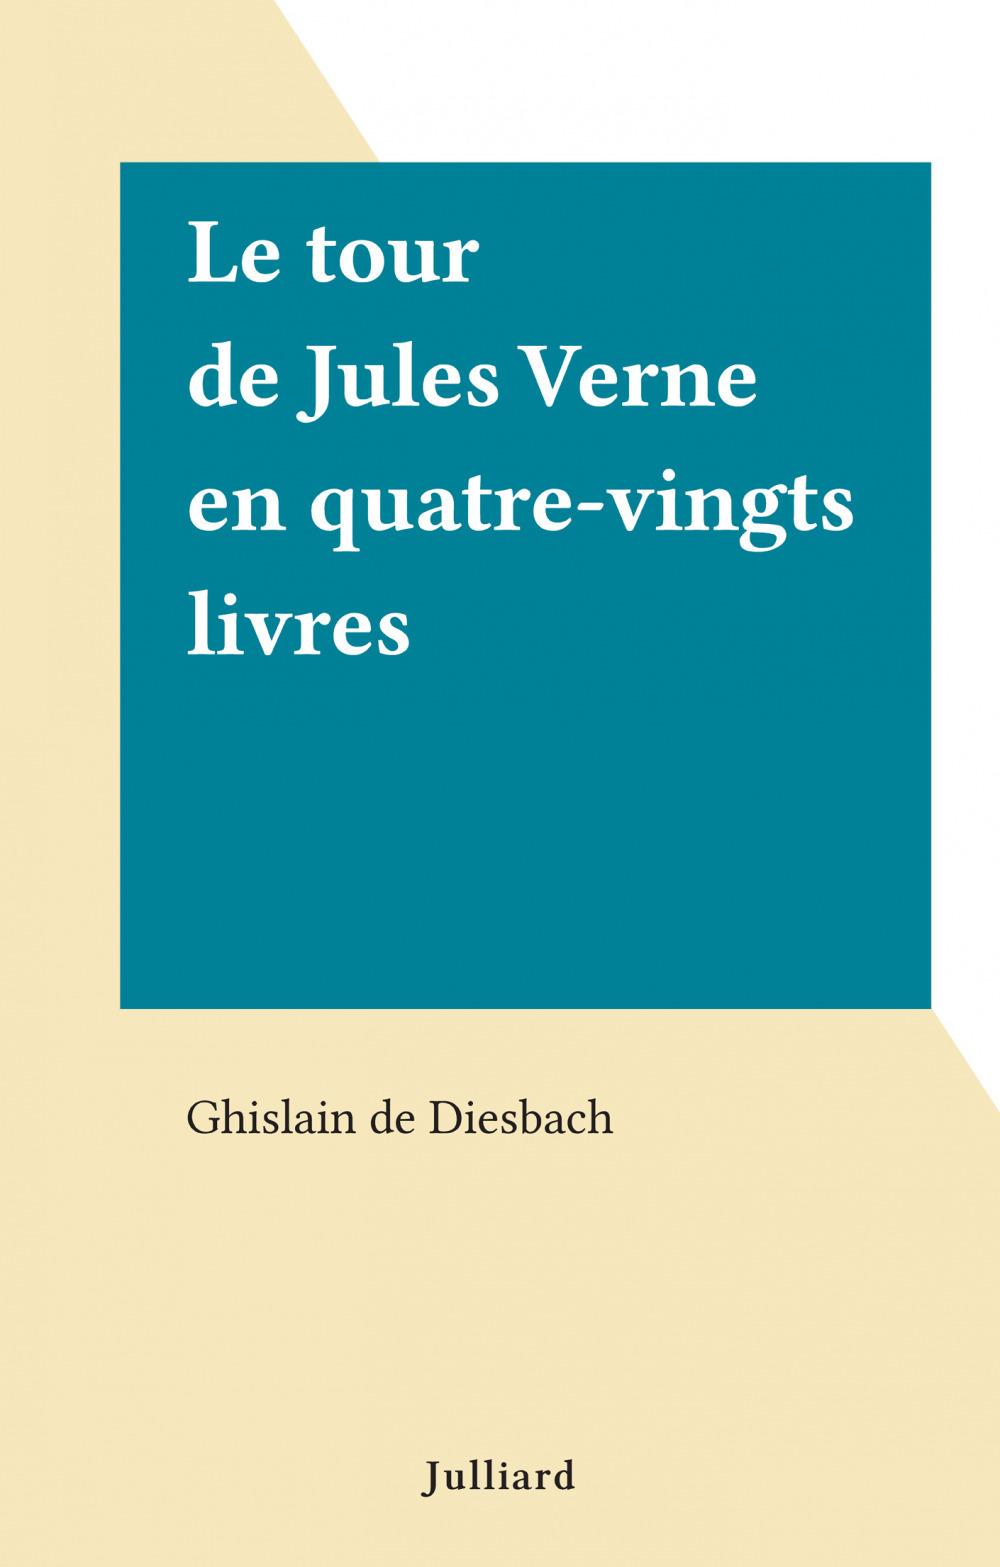 Le tour de Jules Verne en quatre-vingts livres